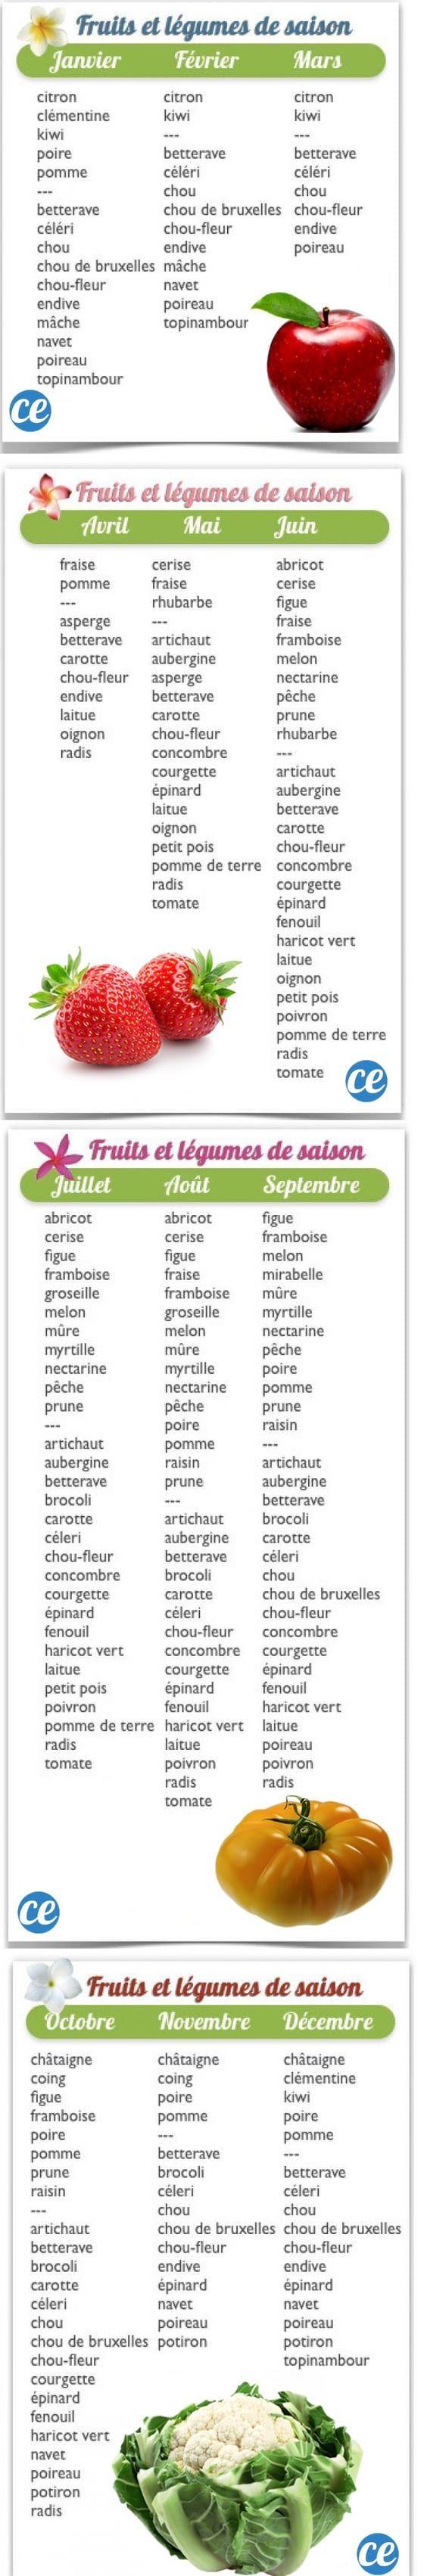 Quels Sont les Fruits et Légumes de Saison ? Le Tableau Pratique Et Gratuit.